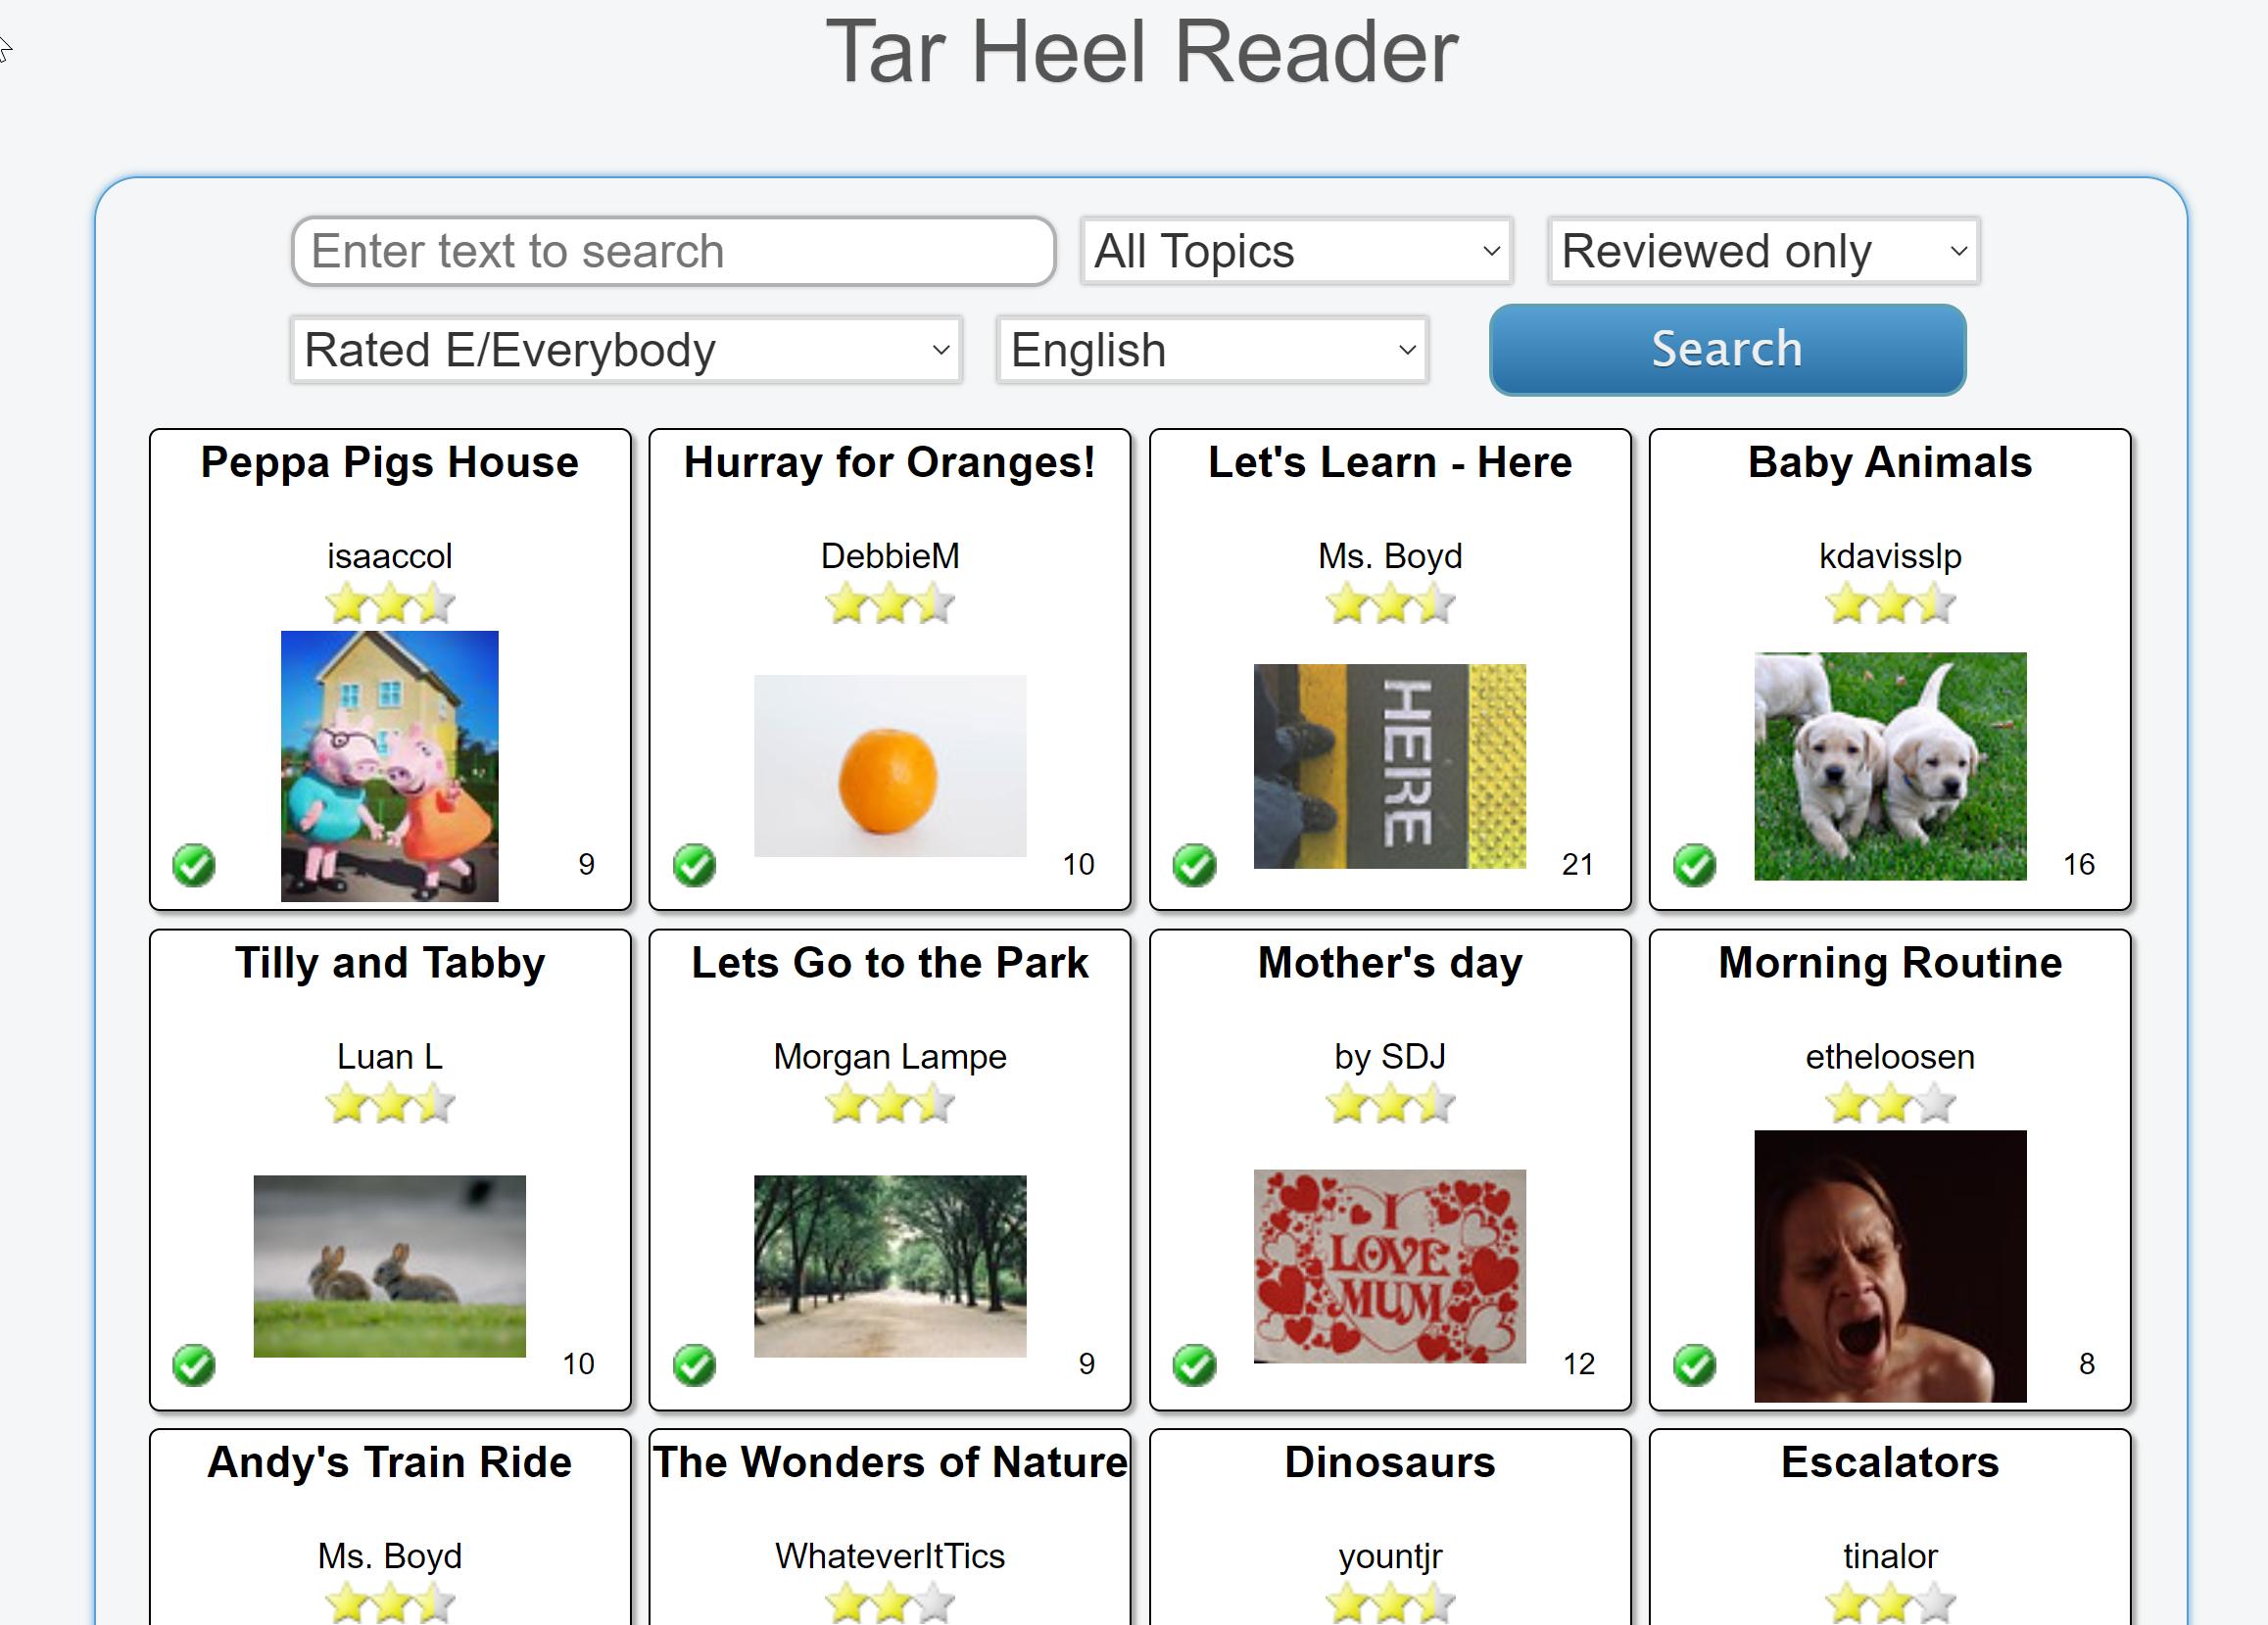 Tar Heel Reader